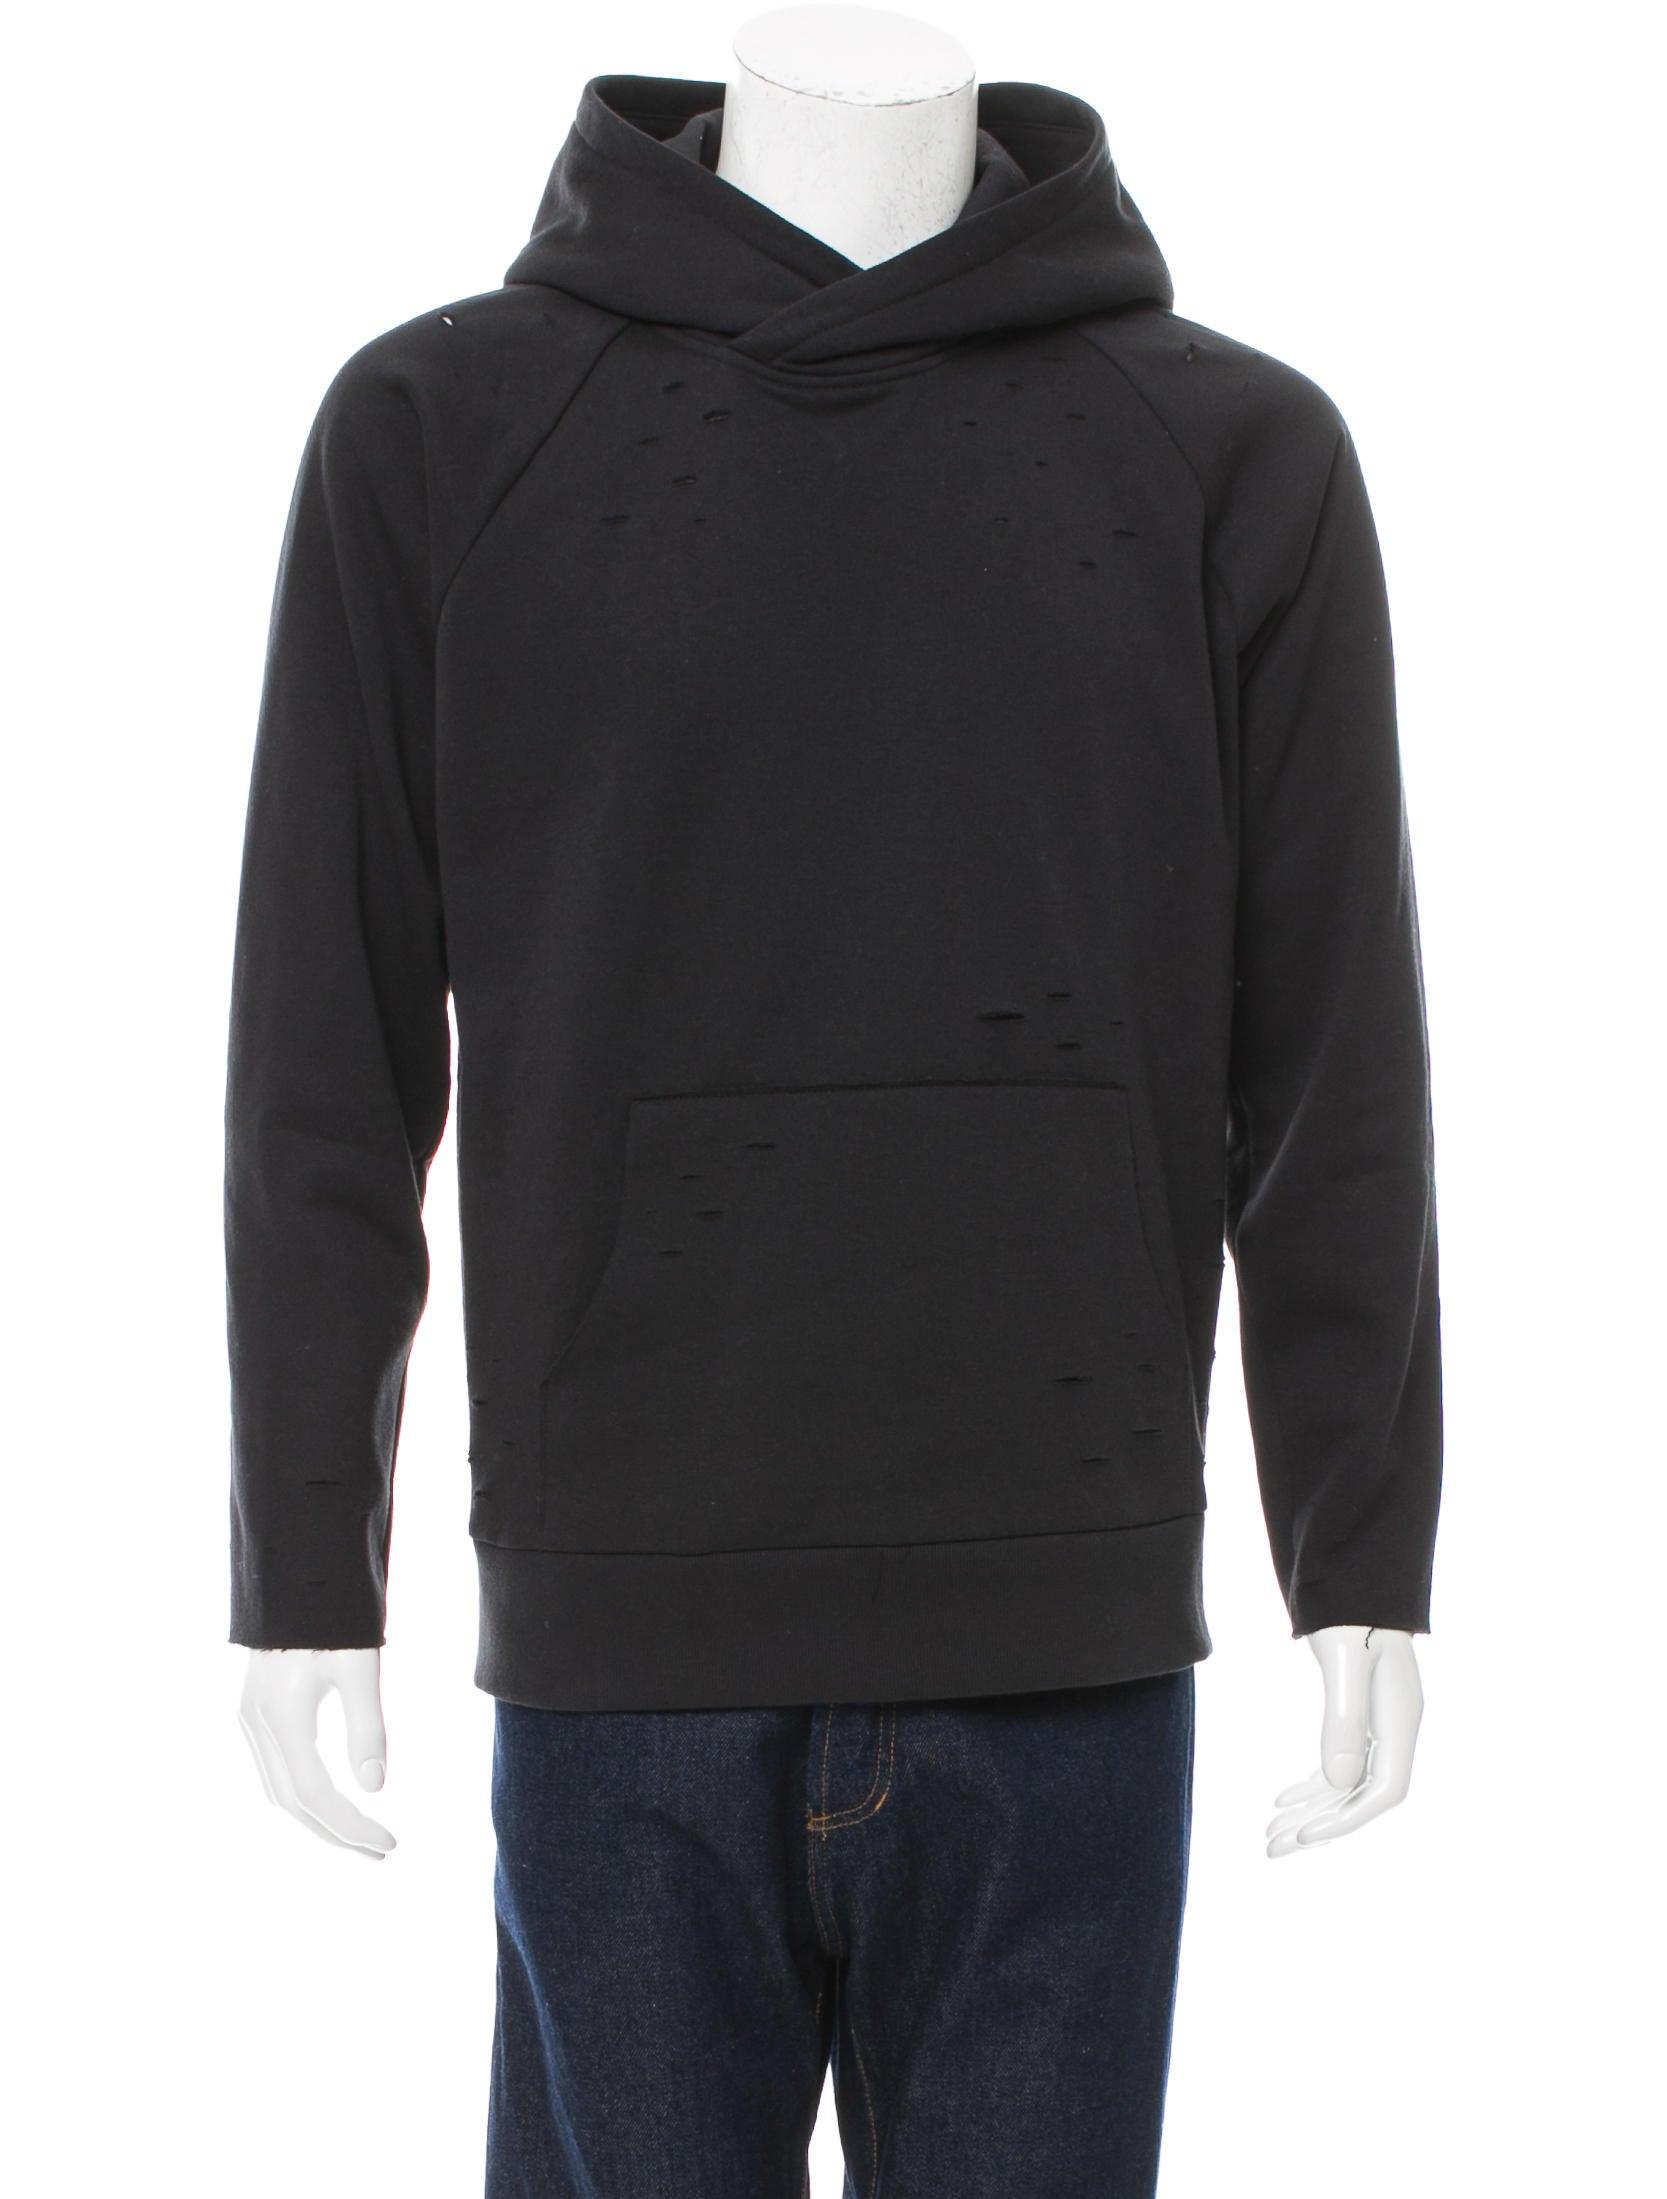 Distressed hoodies